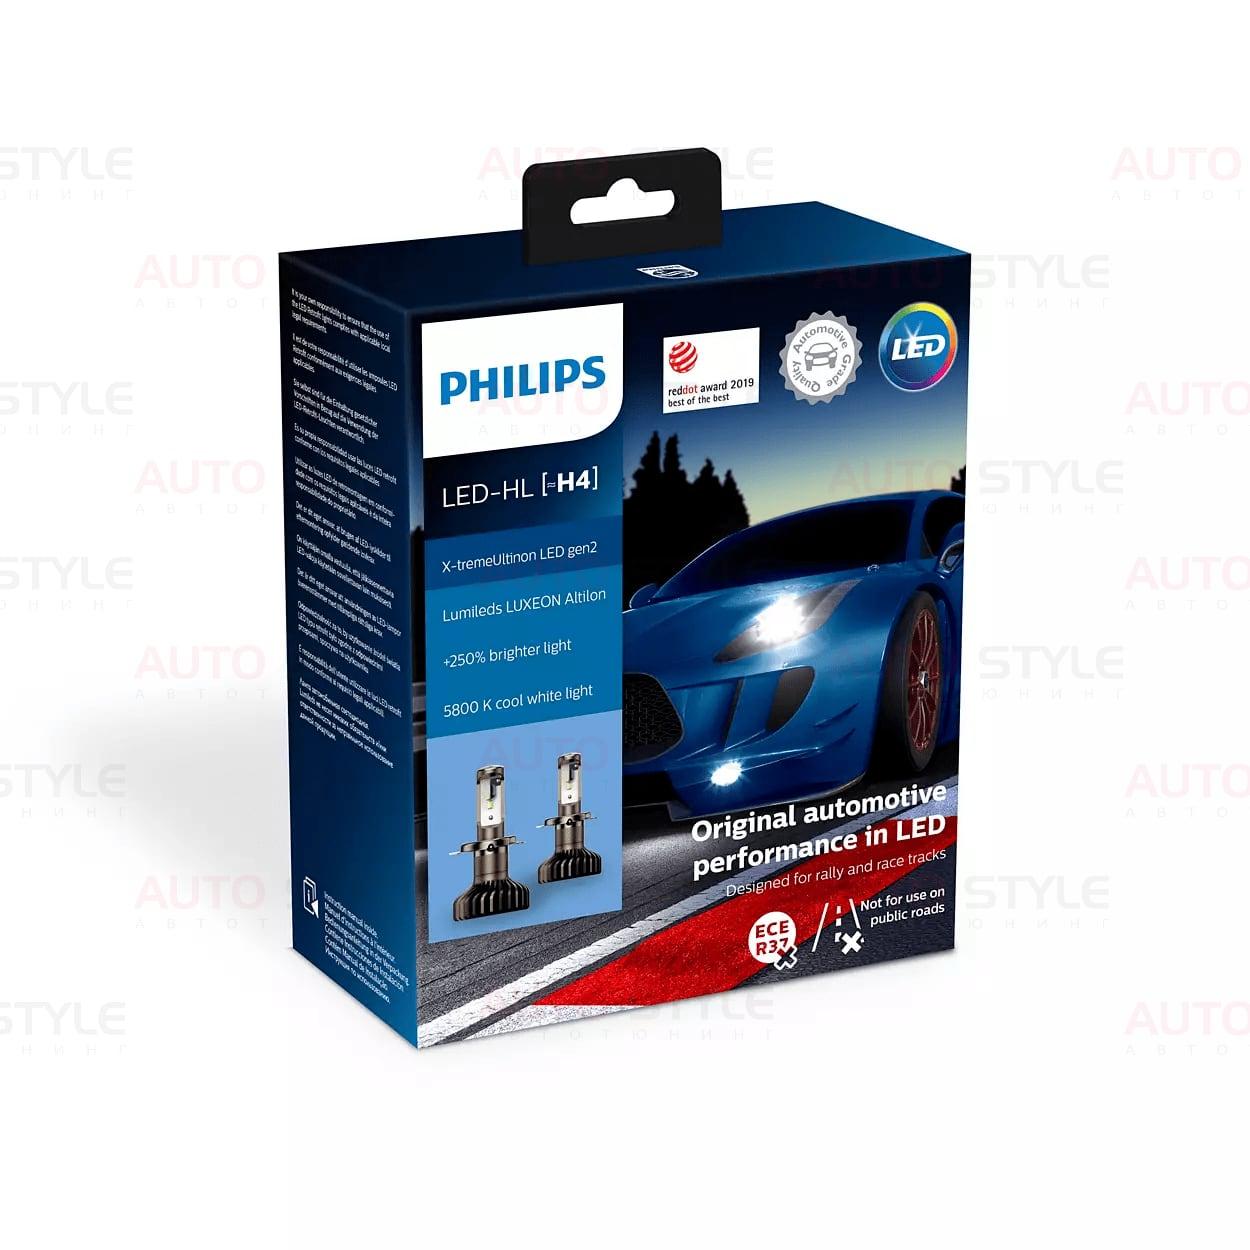 Комплект диодных ламп PHILIPS 11342XUWX2 H4 Ultion +250% 5800K Комплект диодных LED ламп PHILIPS 11342XUWX2 H4 Ultion +250% 5800K (2 шт.)